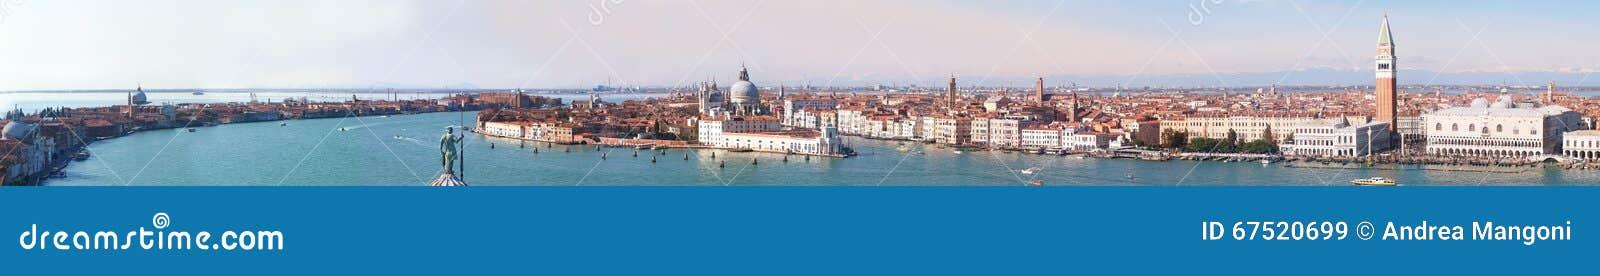 Venetië - Panorama